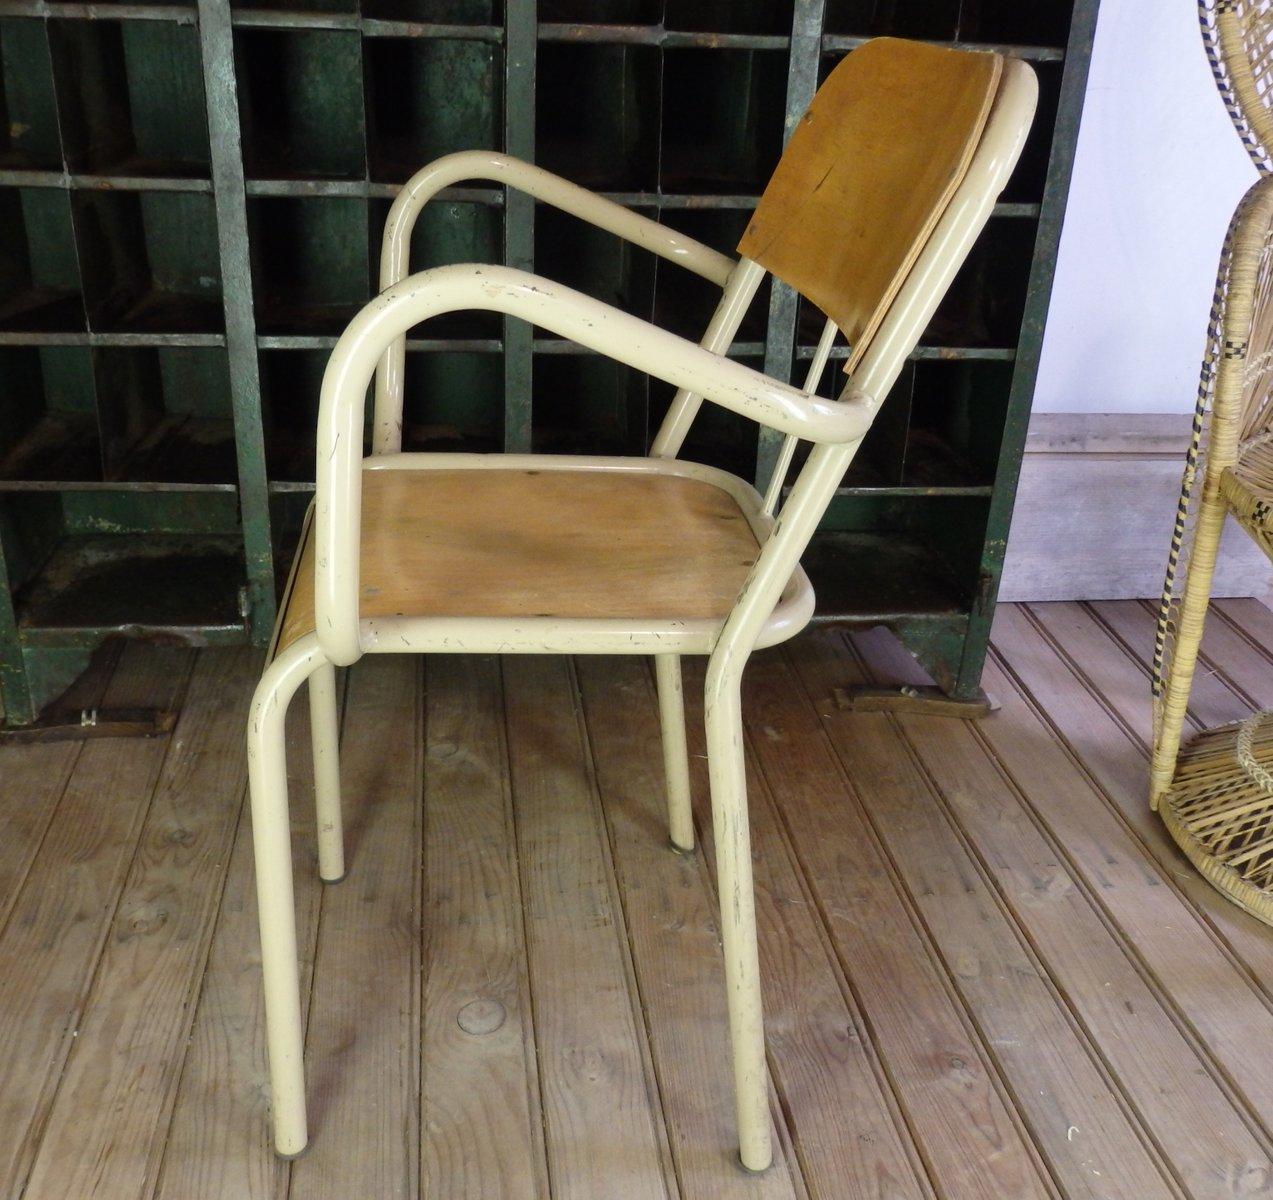 chaise d 39 colier avec accoudoirs 1960s en vente sur pamono. Black Bedroom Furniture Sets. Home Design Ideas